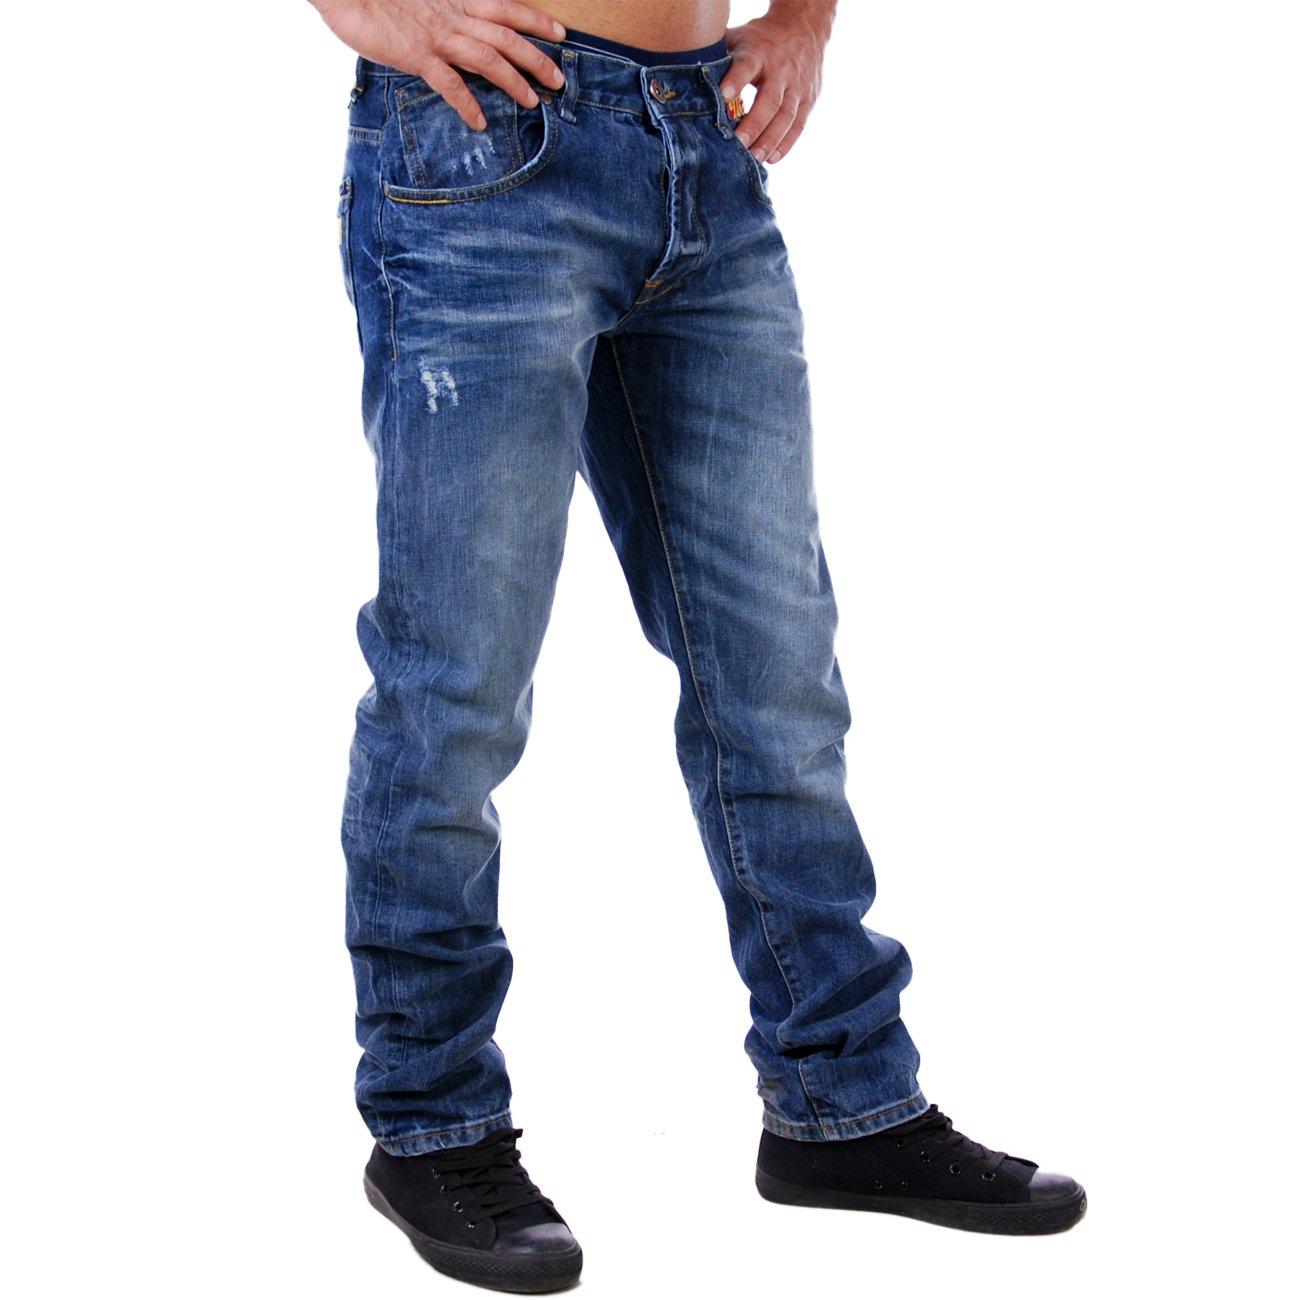 vsct jeans blau herren denim hose herren jeans g nstig. Black Bedroom Furniture Sets. Home Design Ideas